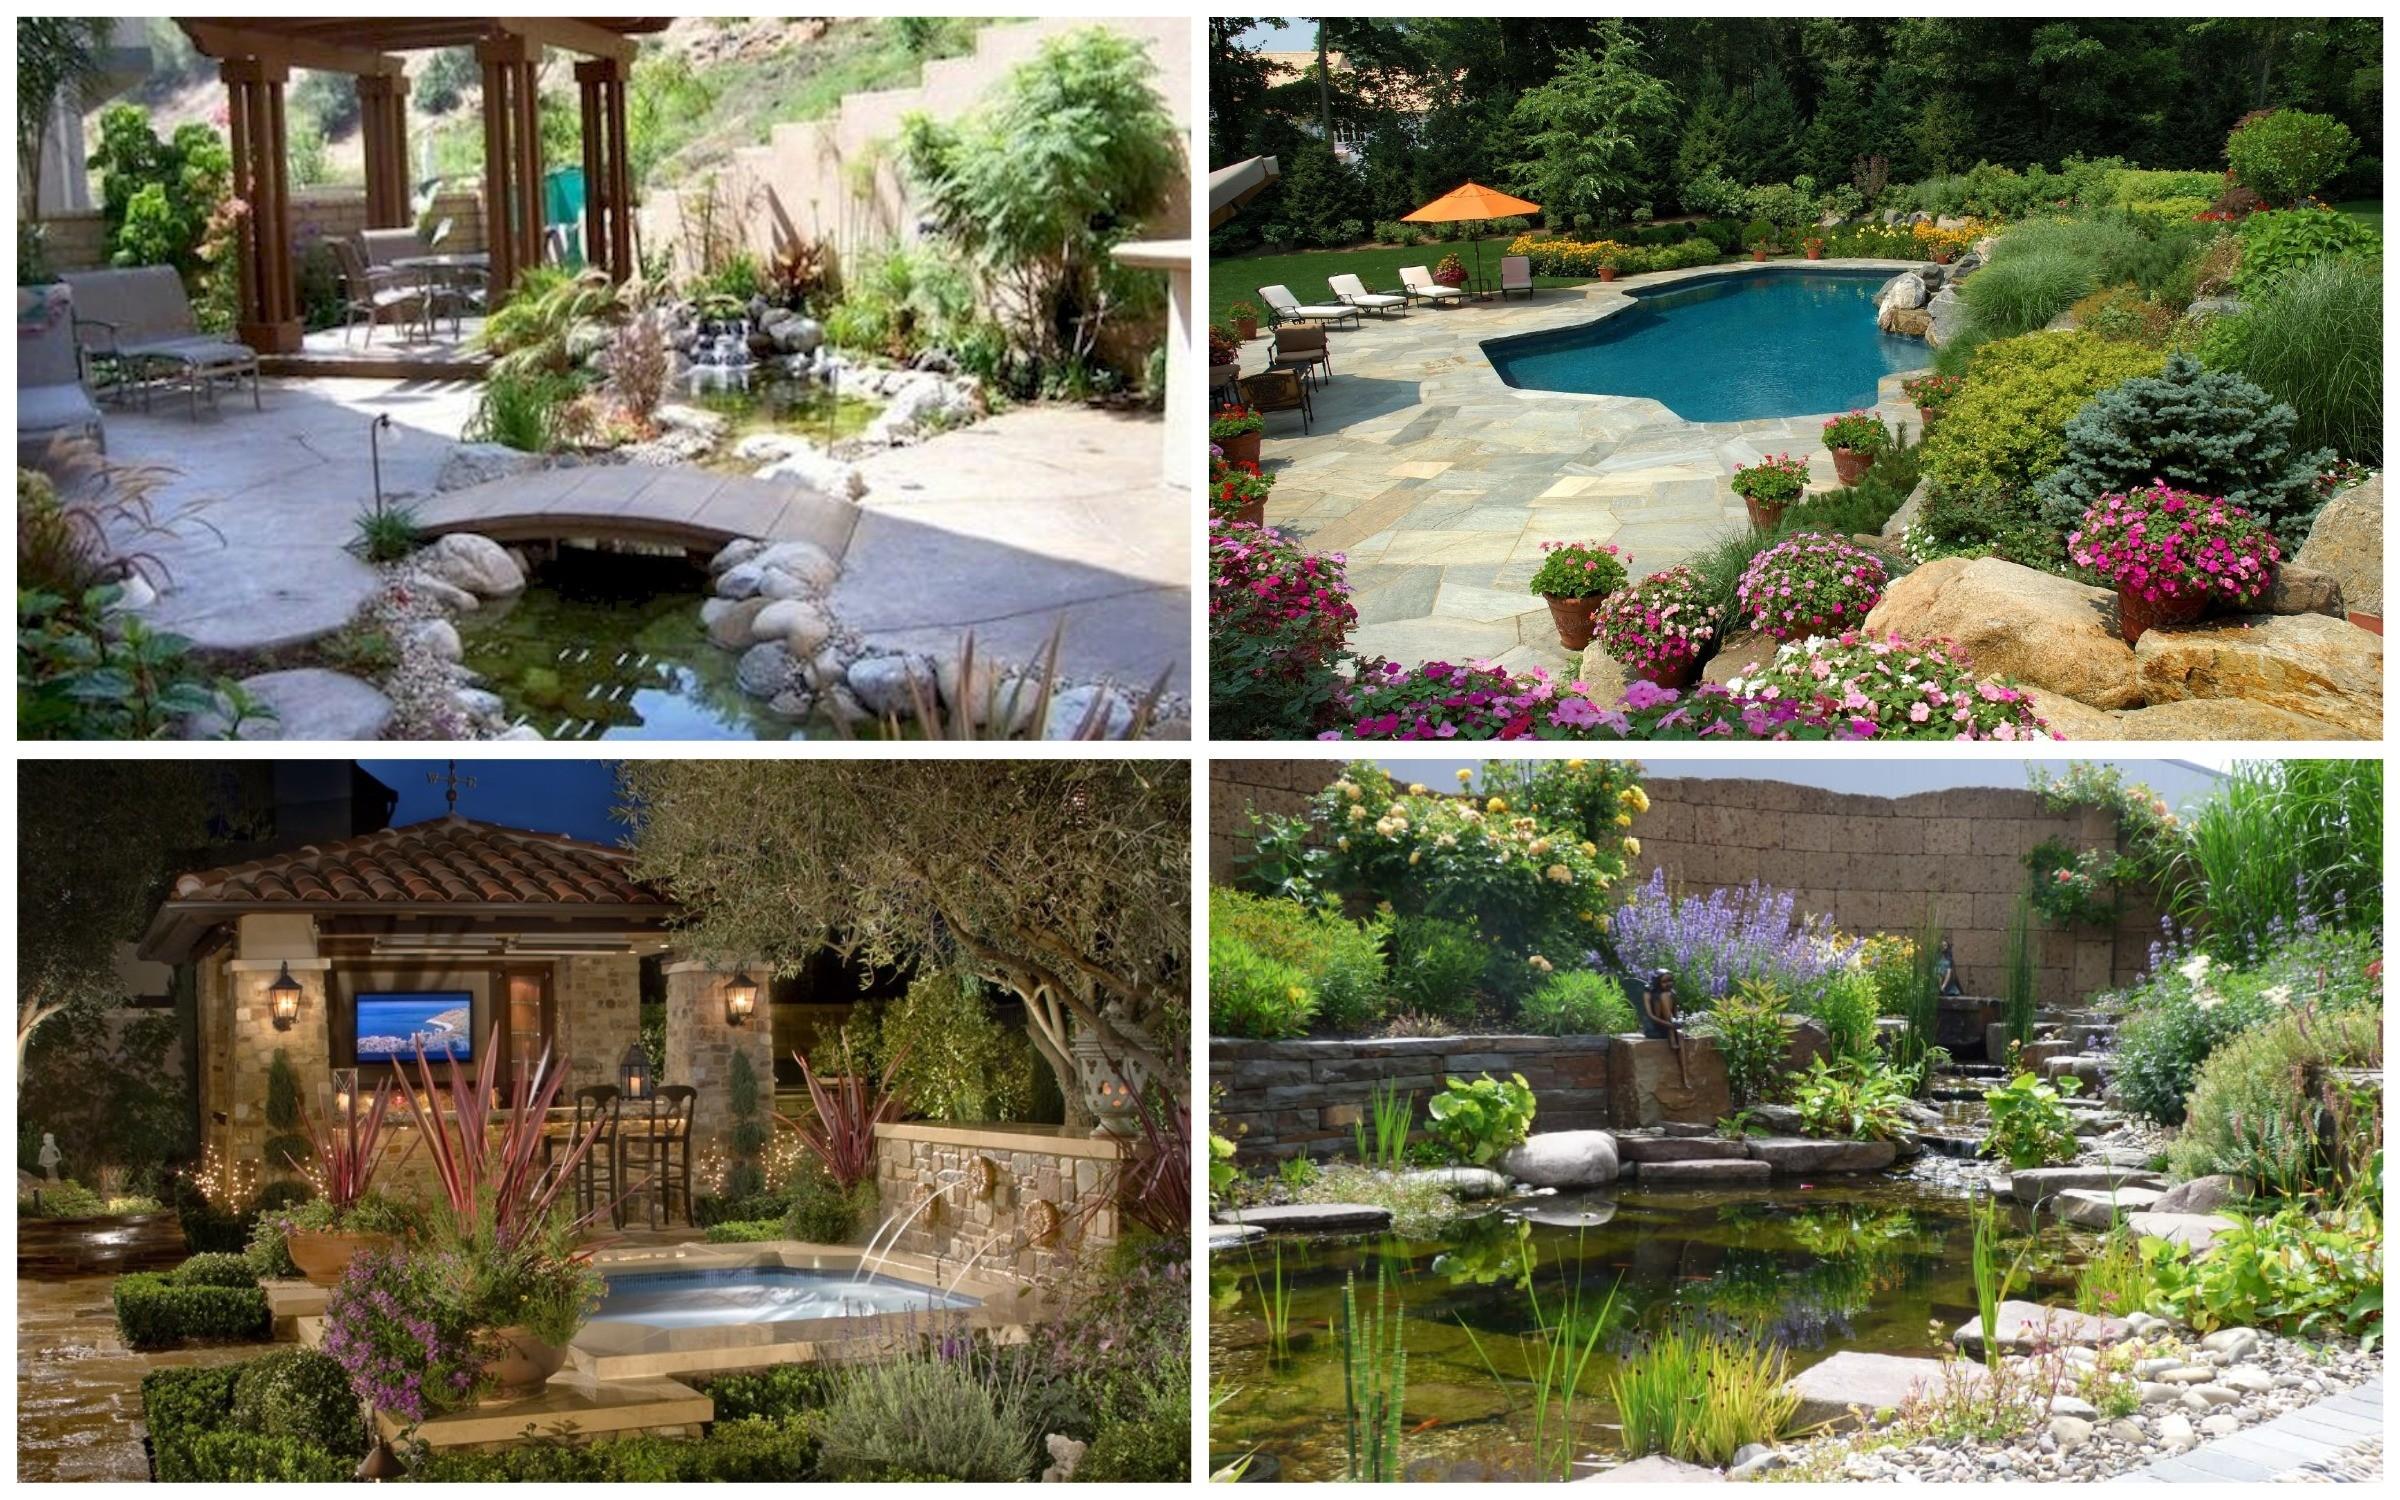 изображение водоема в итальянском стиле сада